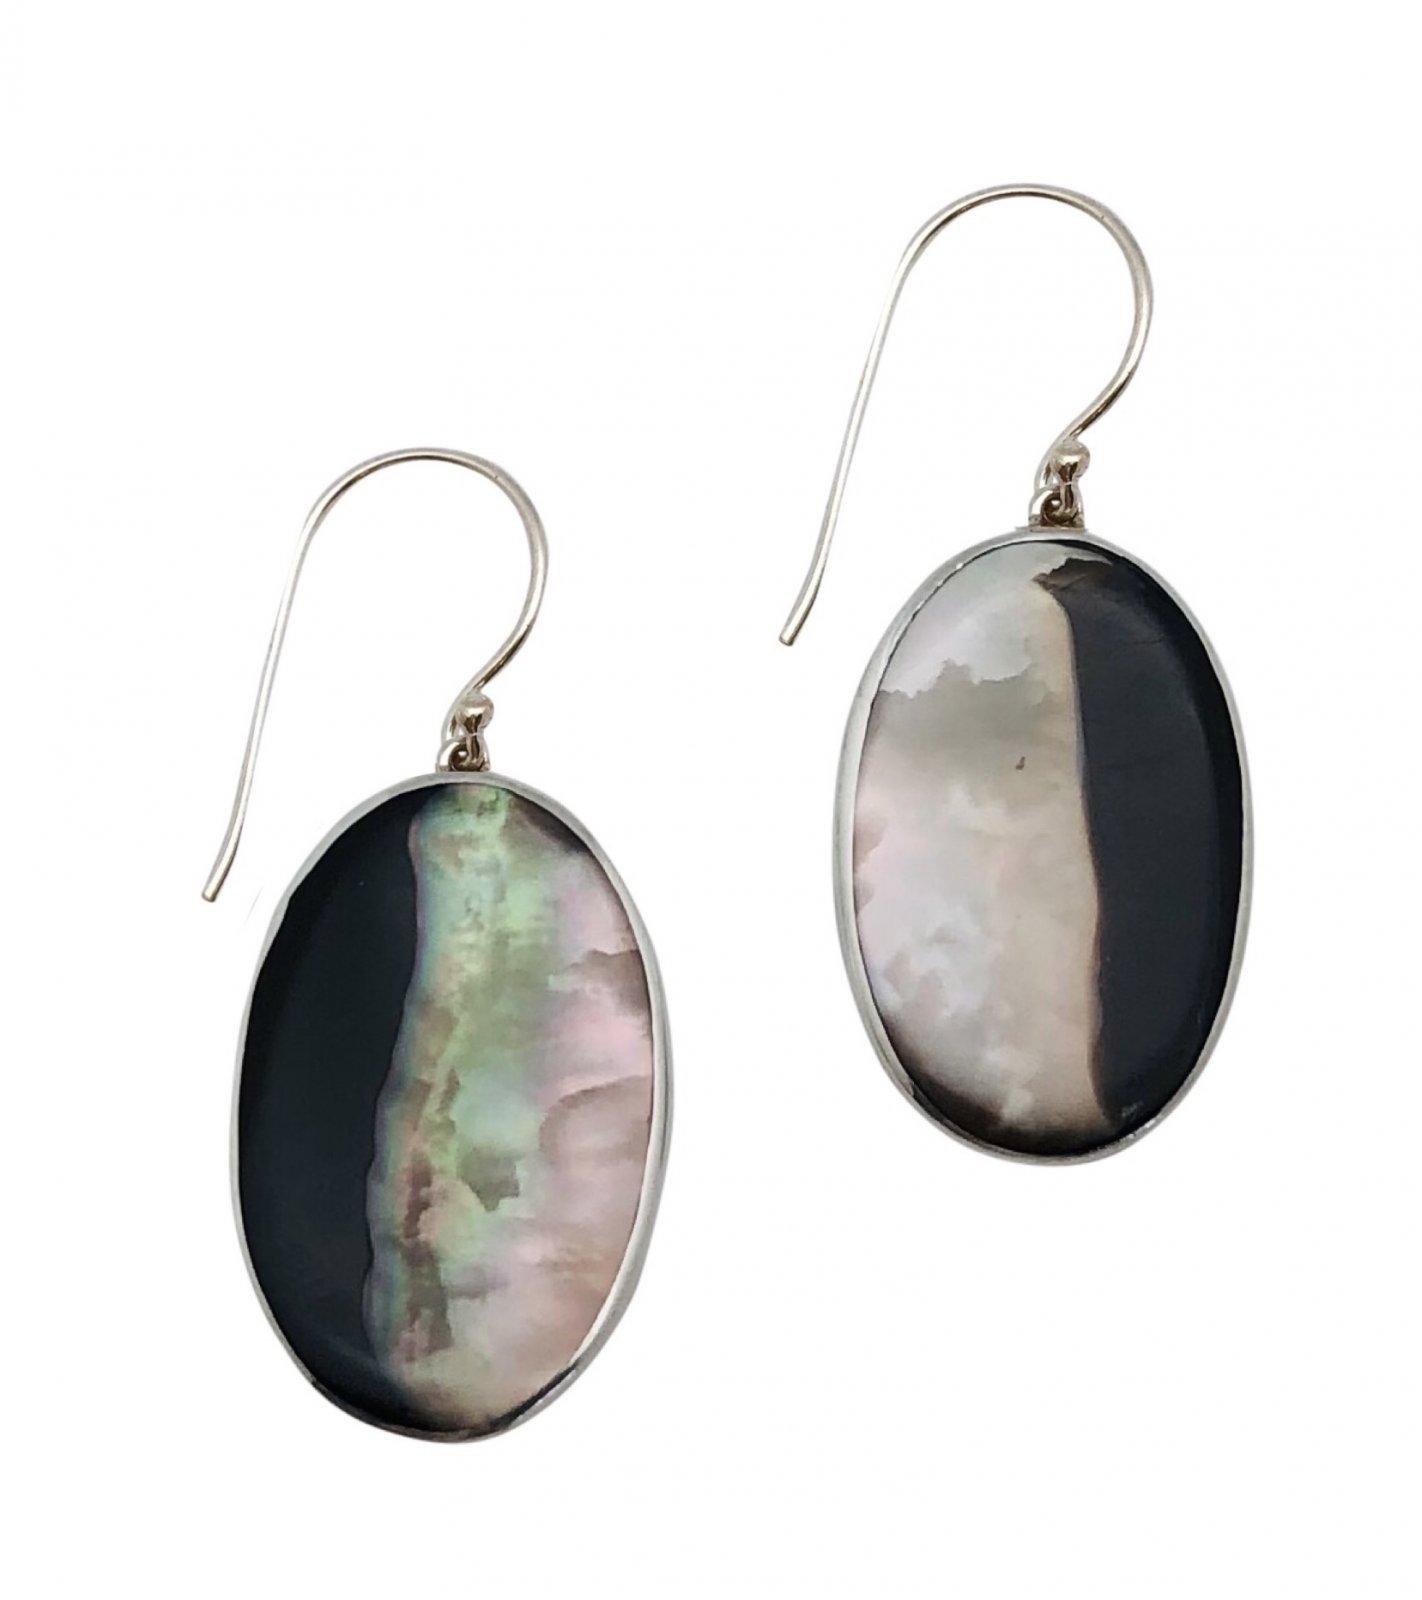 Ear > Black Lipped Pearl Oyster Dangle Earring  - Oval Shape